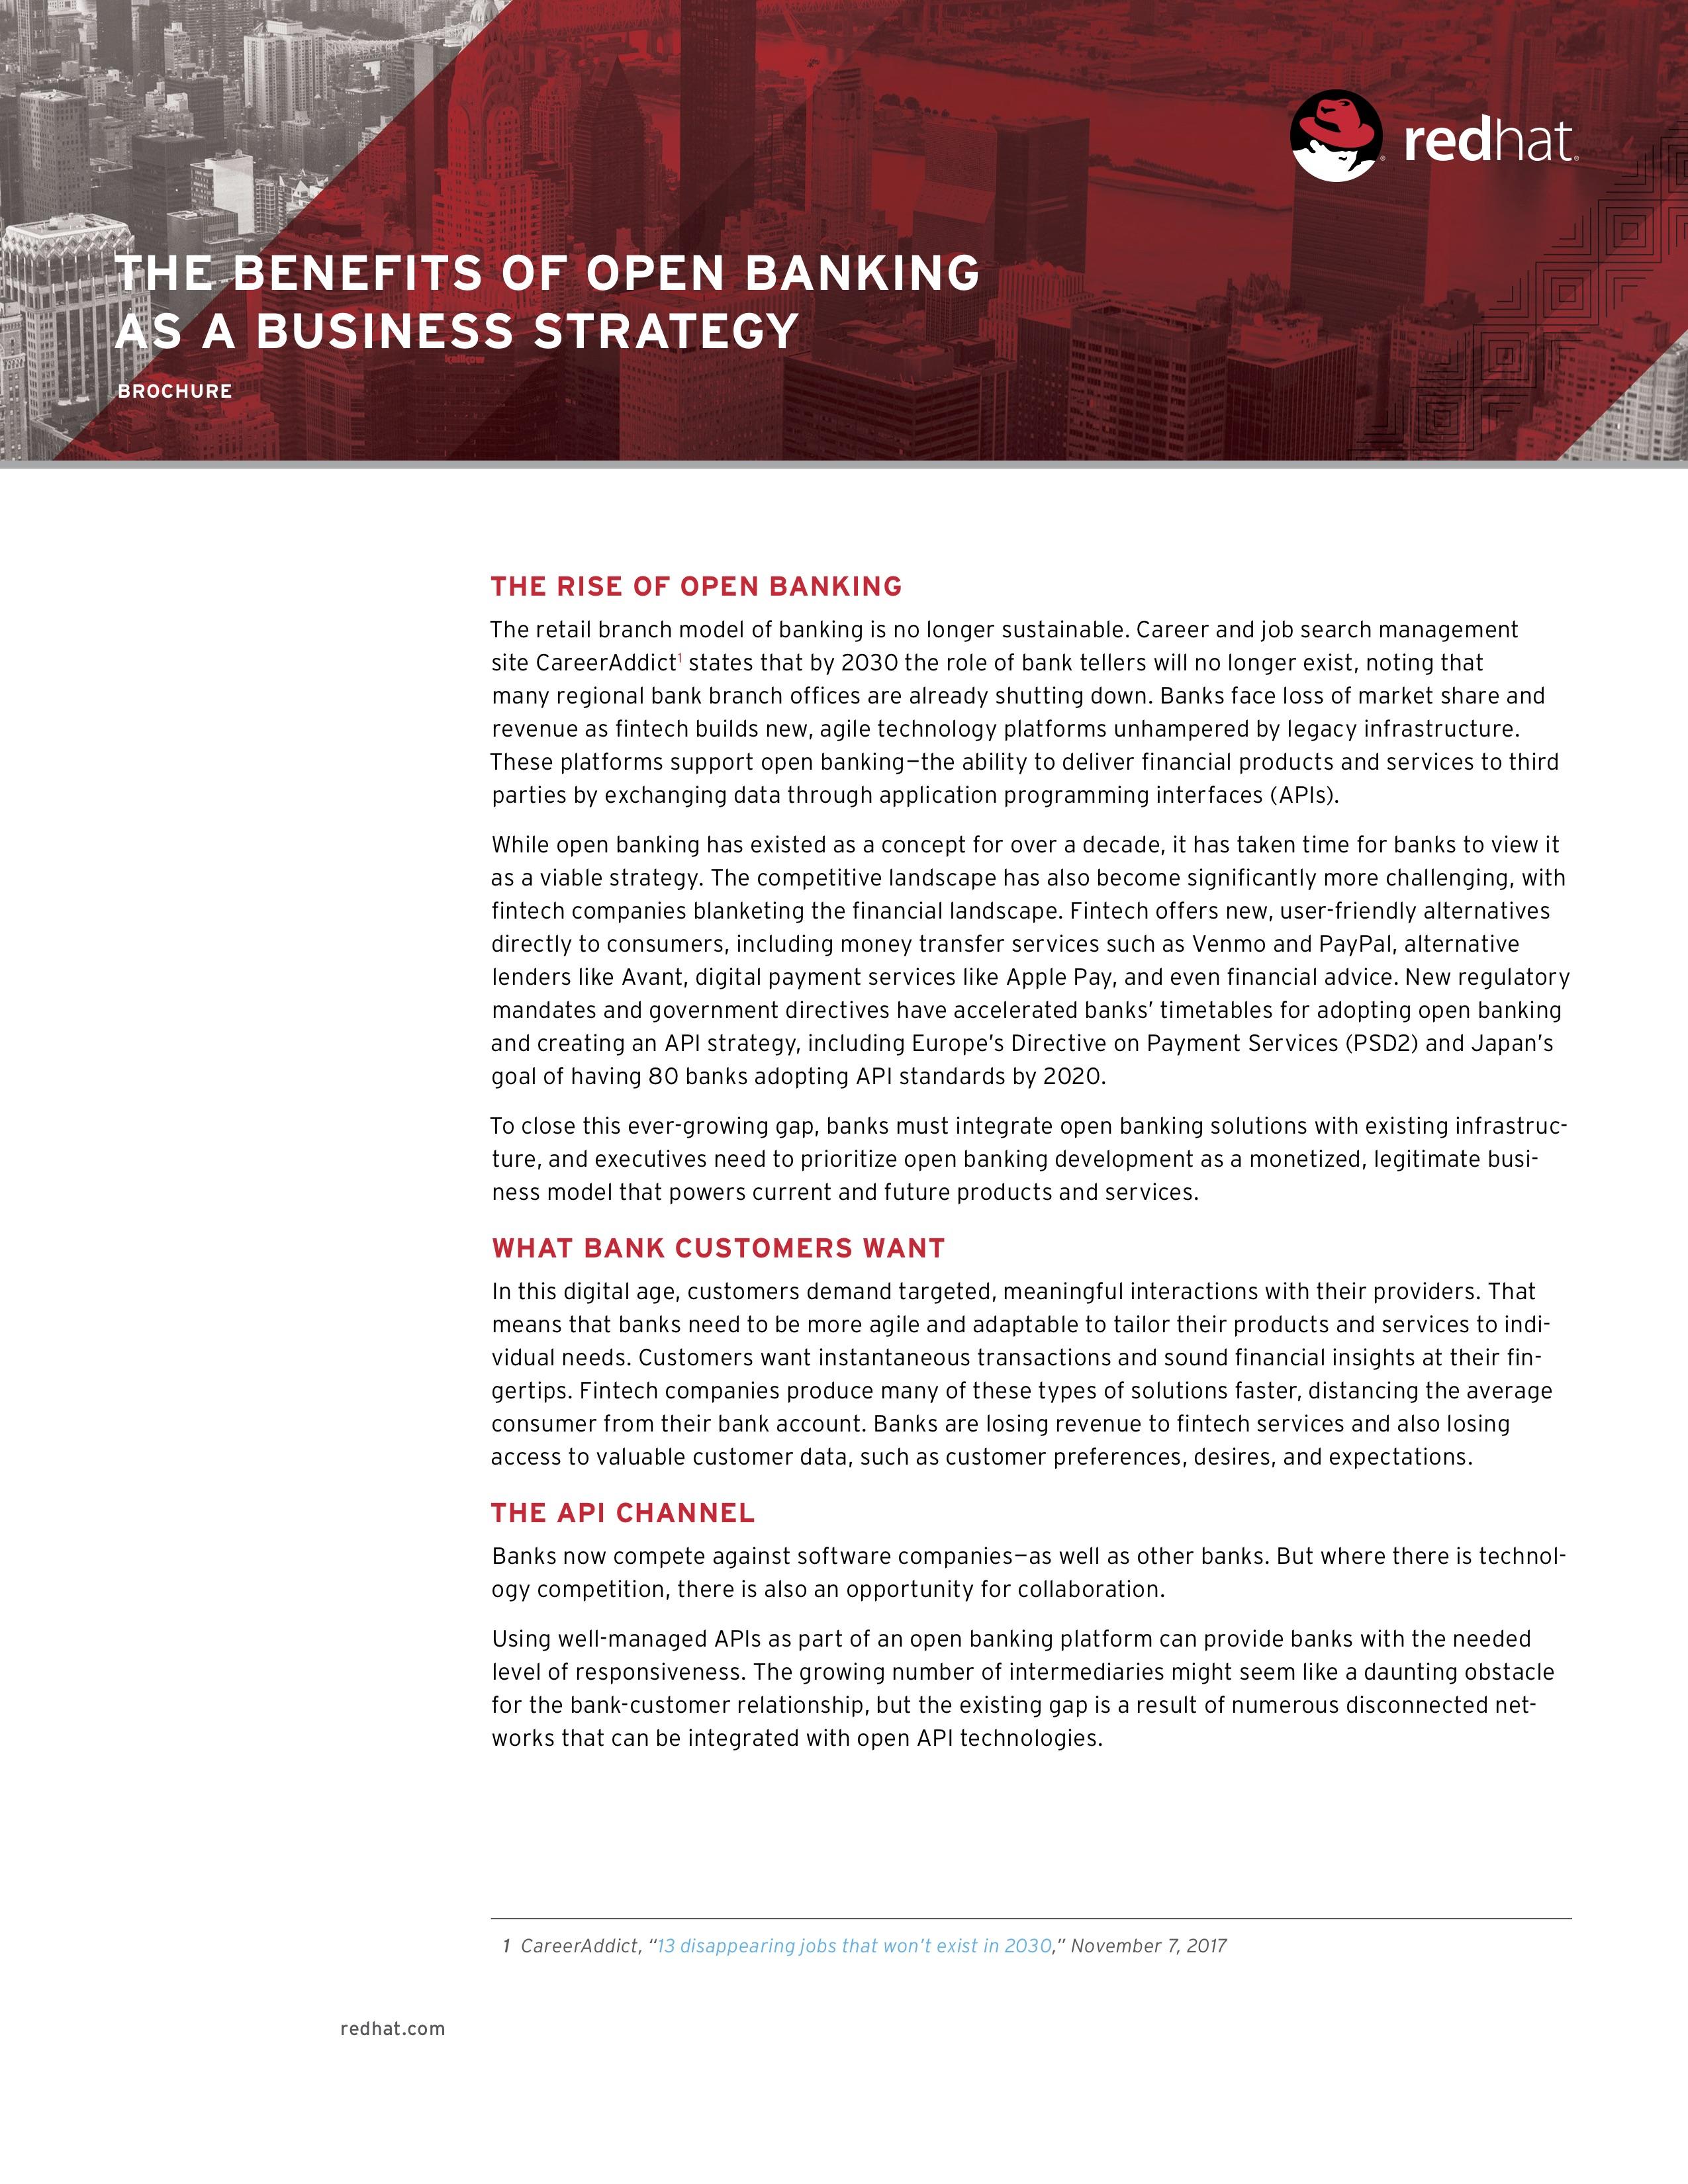 Ve fsi open banking brochure f14090wg 201809 en